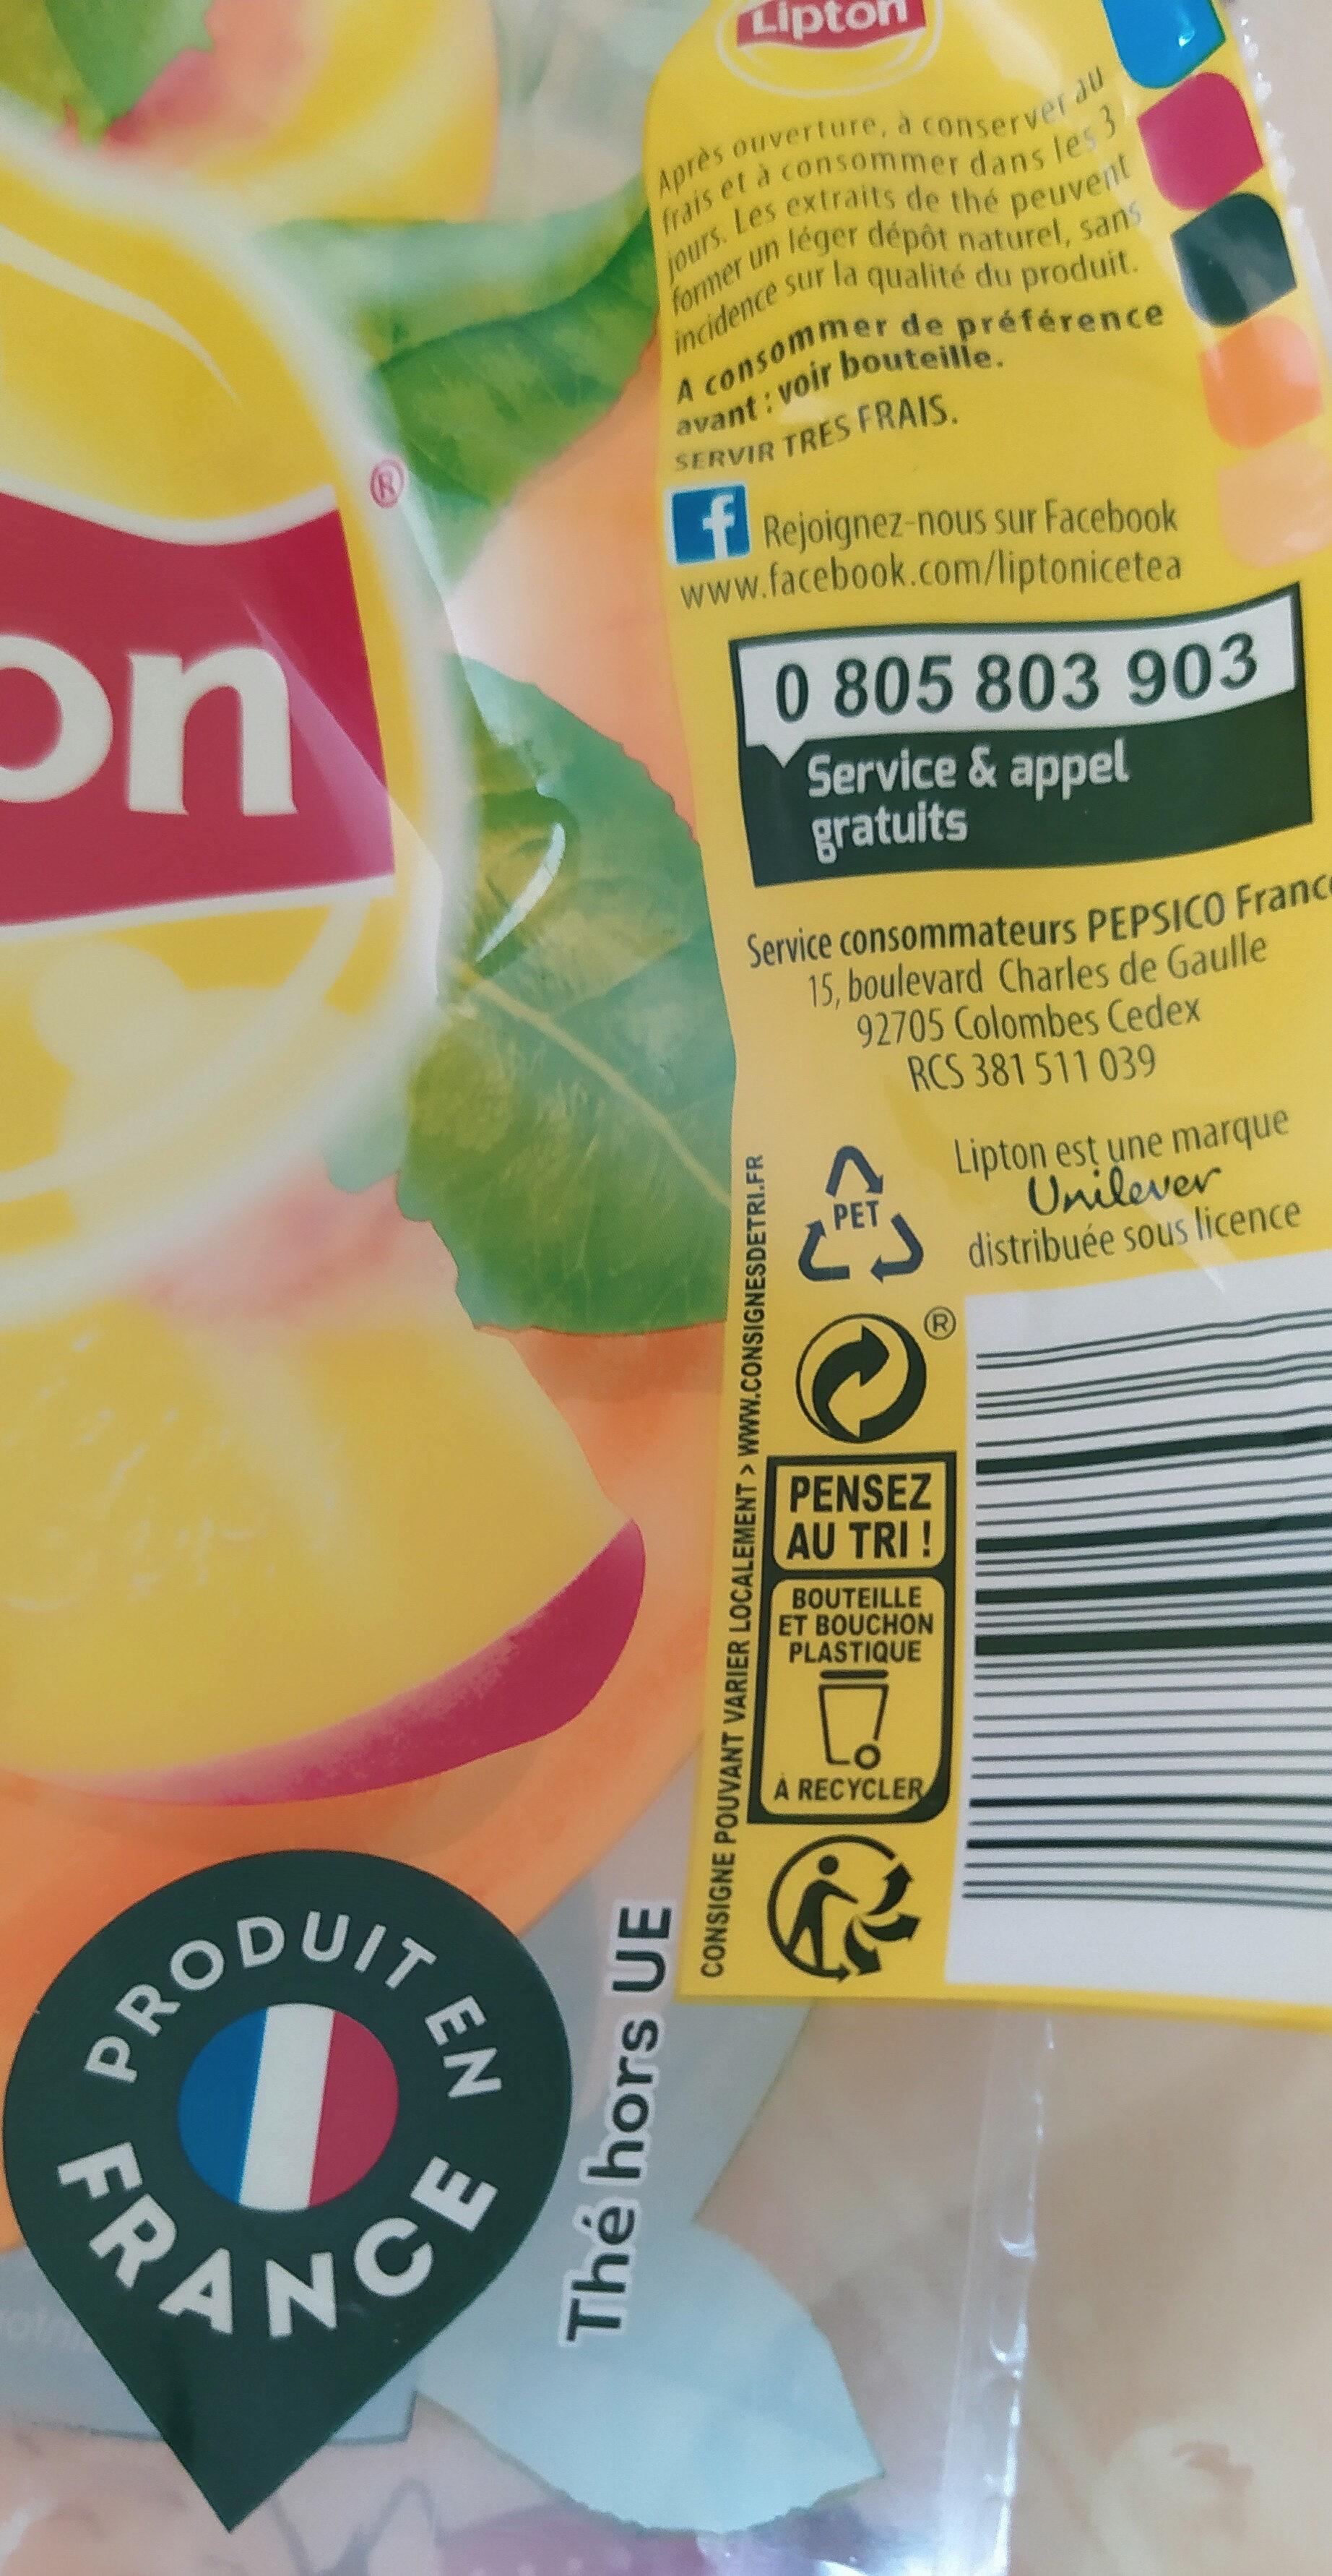 Lipton Ice Tea saveur Pêche - Instruction de recyclage et/ou informations d'emballage - fr